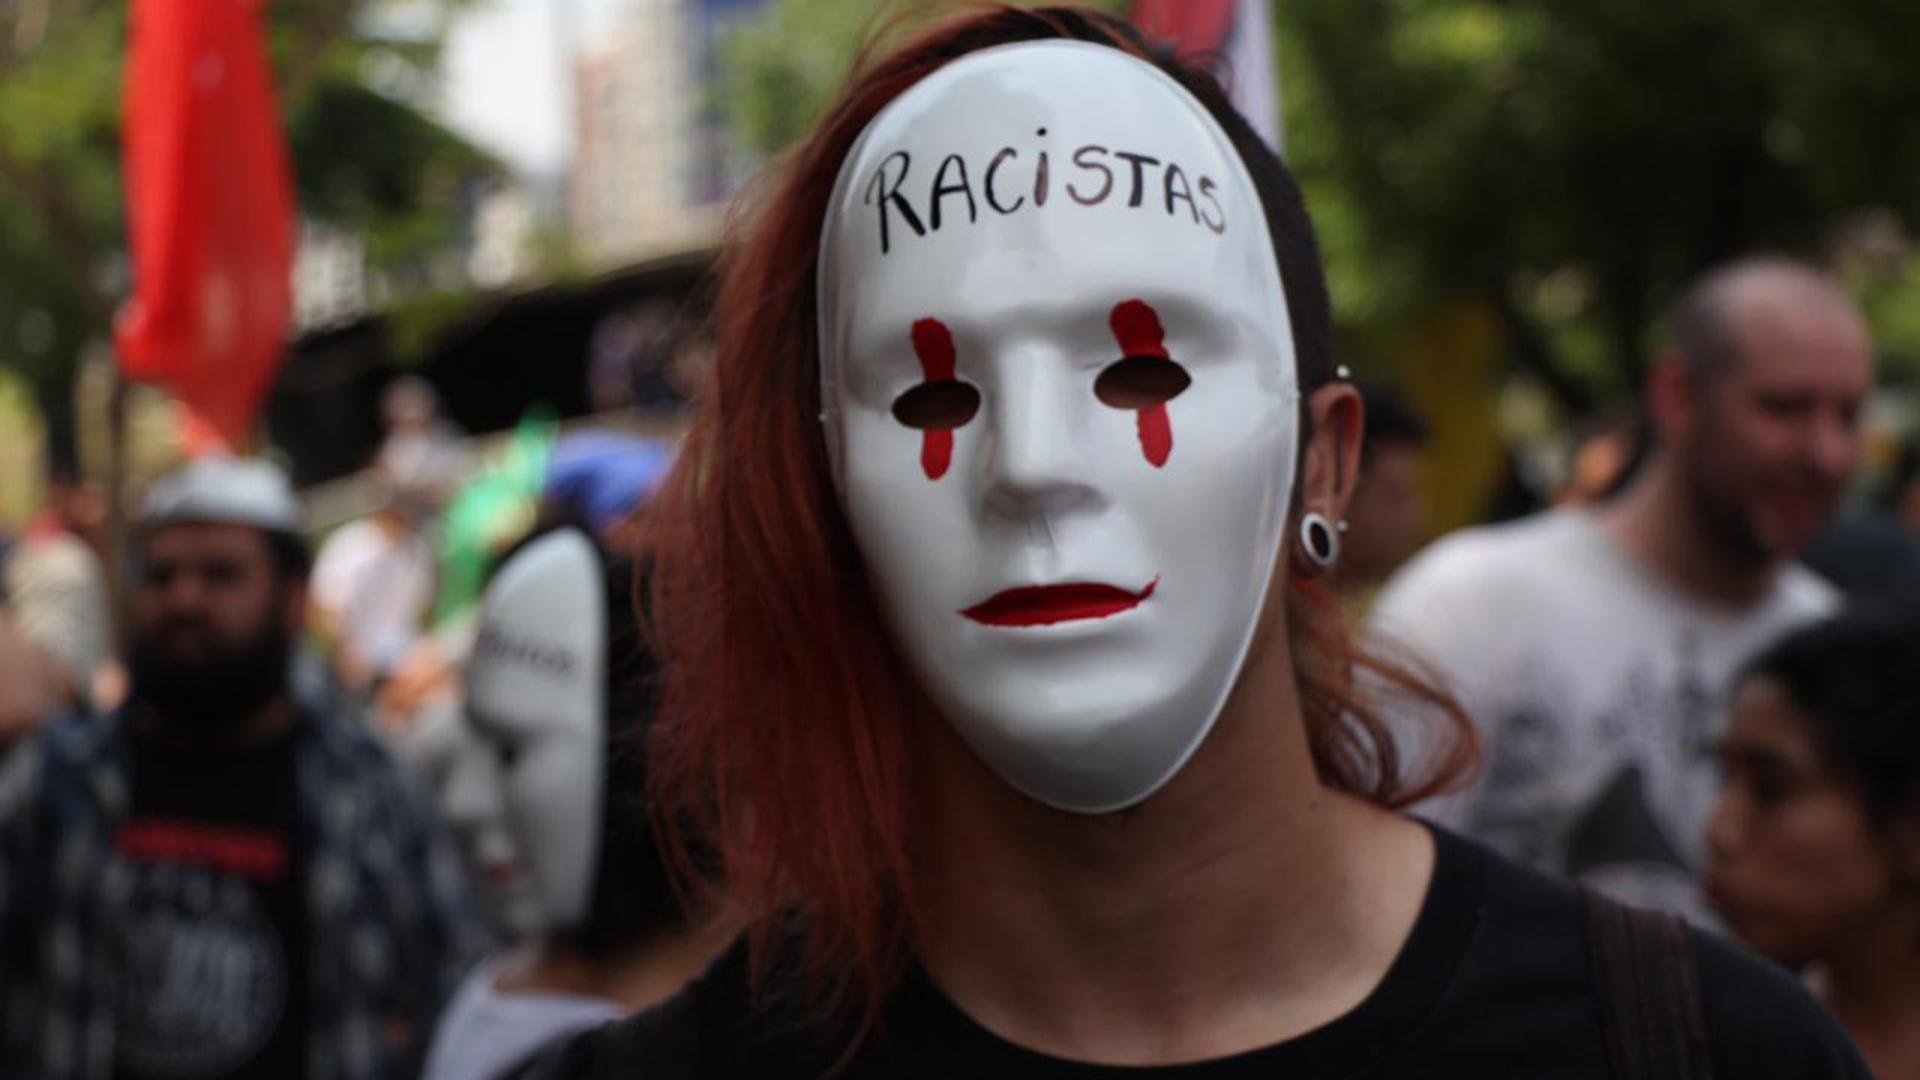 Muchos de los manifestantes fueron a la protesta con máscaras y capuchas